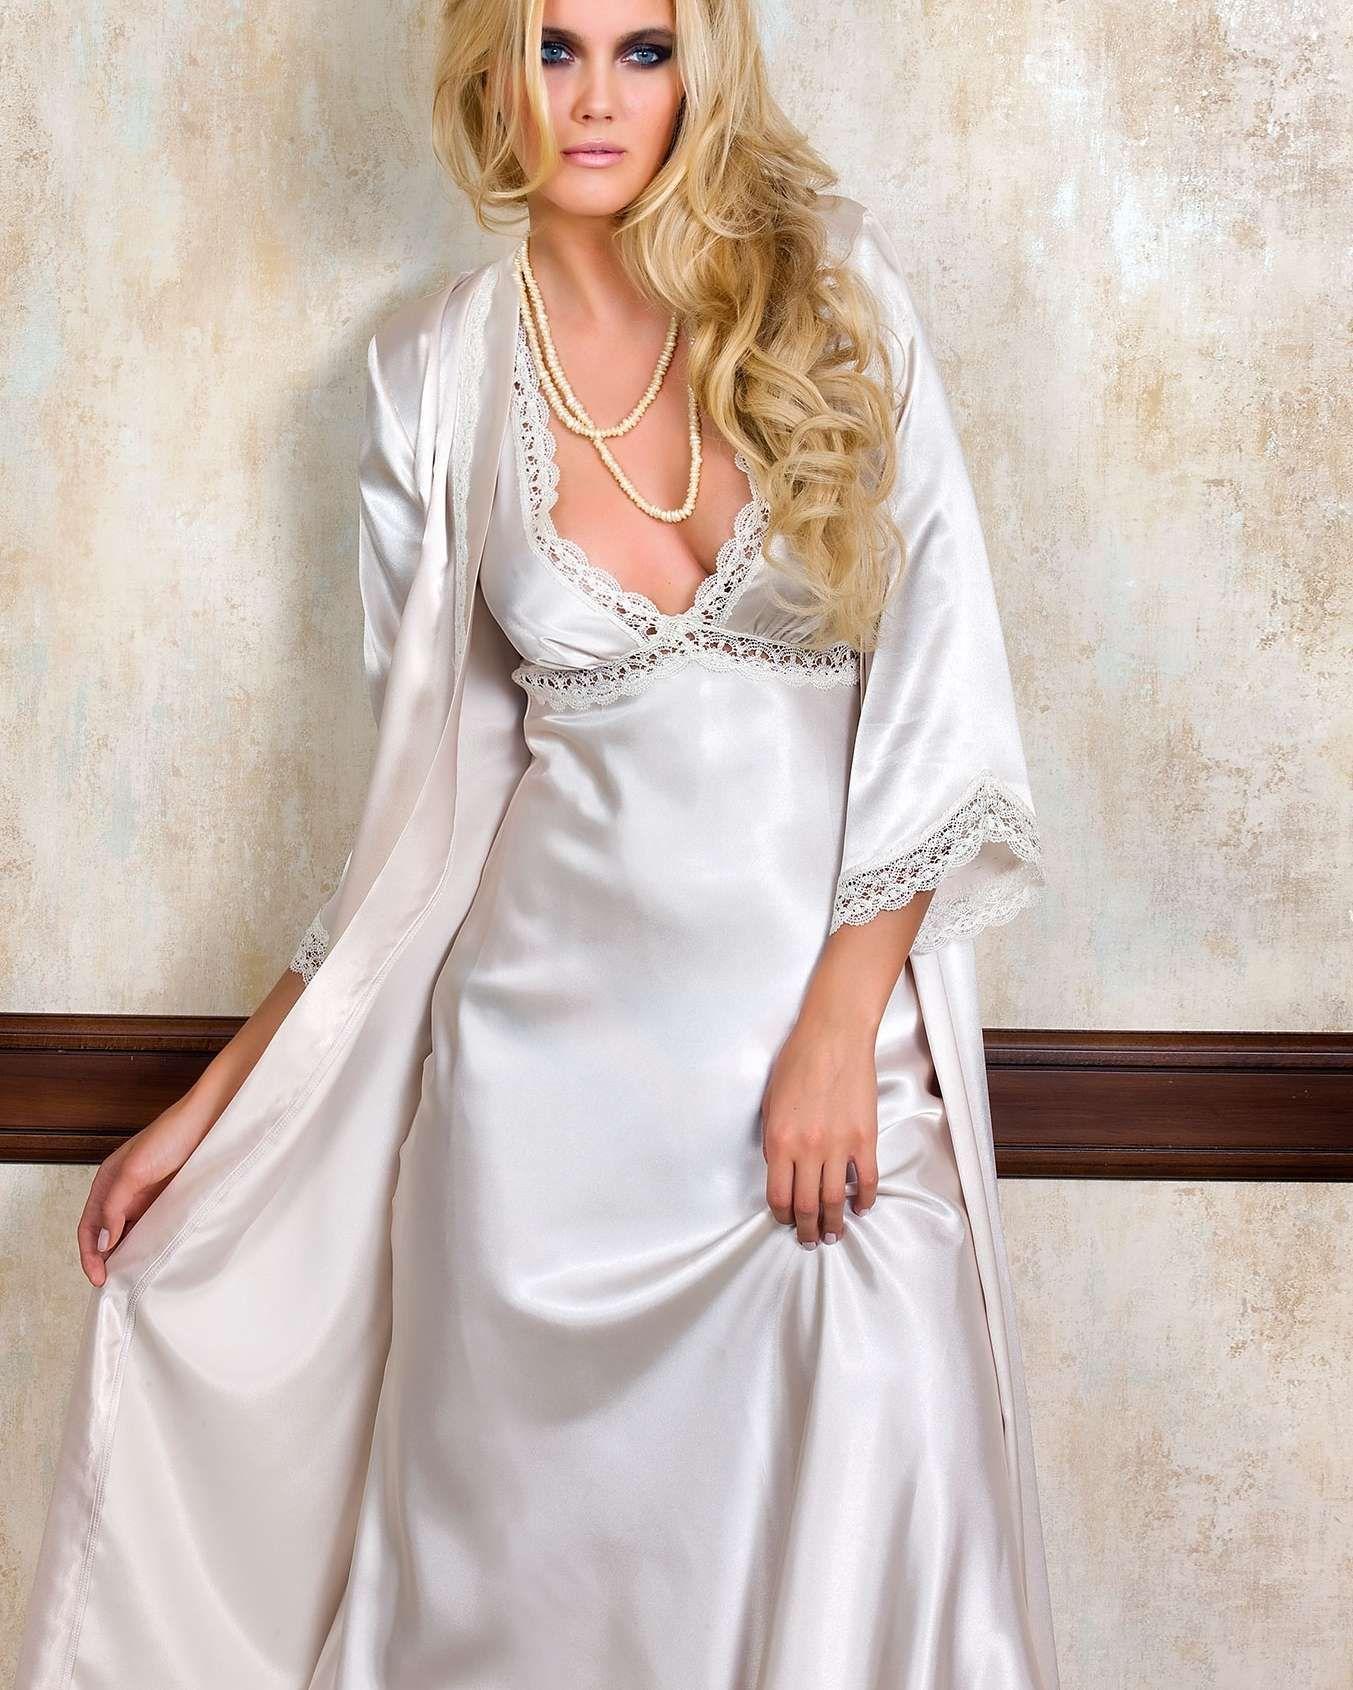 Pierre Cardin Ic Giyim Ceyizlik 6li Saten Gecelik Pijama Sabahlik Ve Sort Takimi 6630 Night Gown Night Dress Dresses